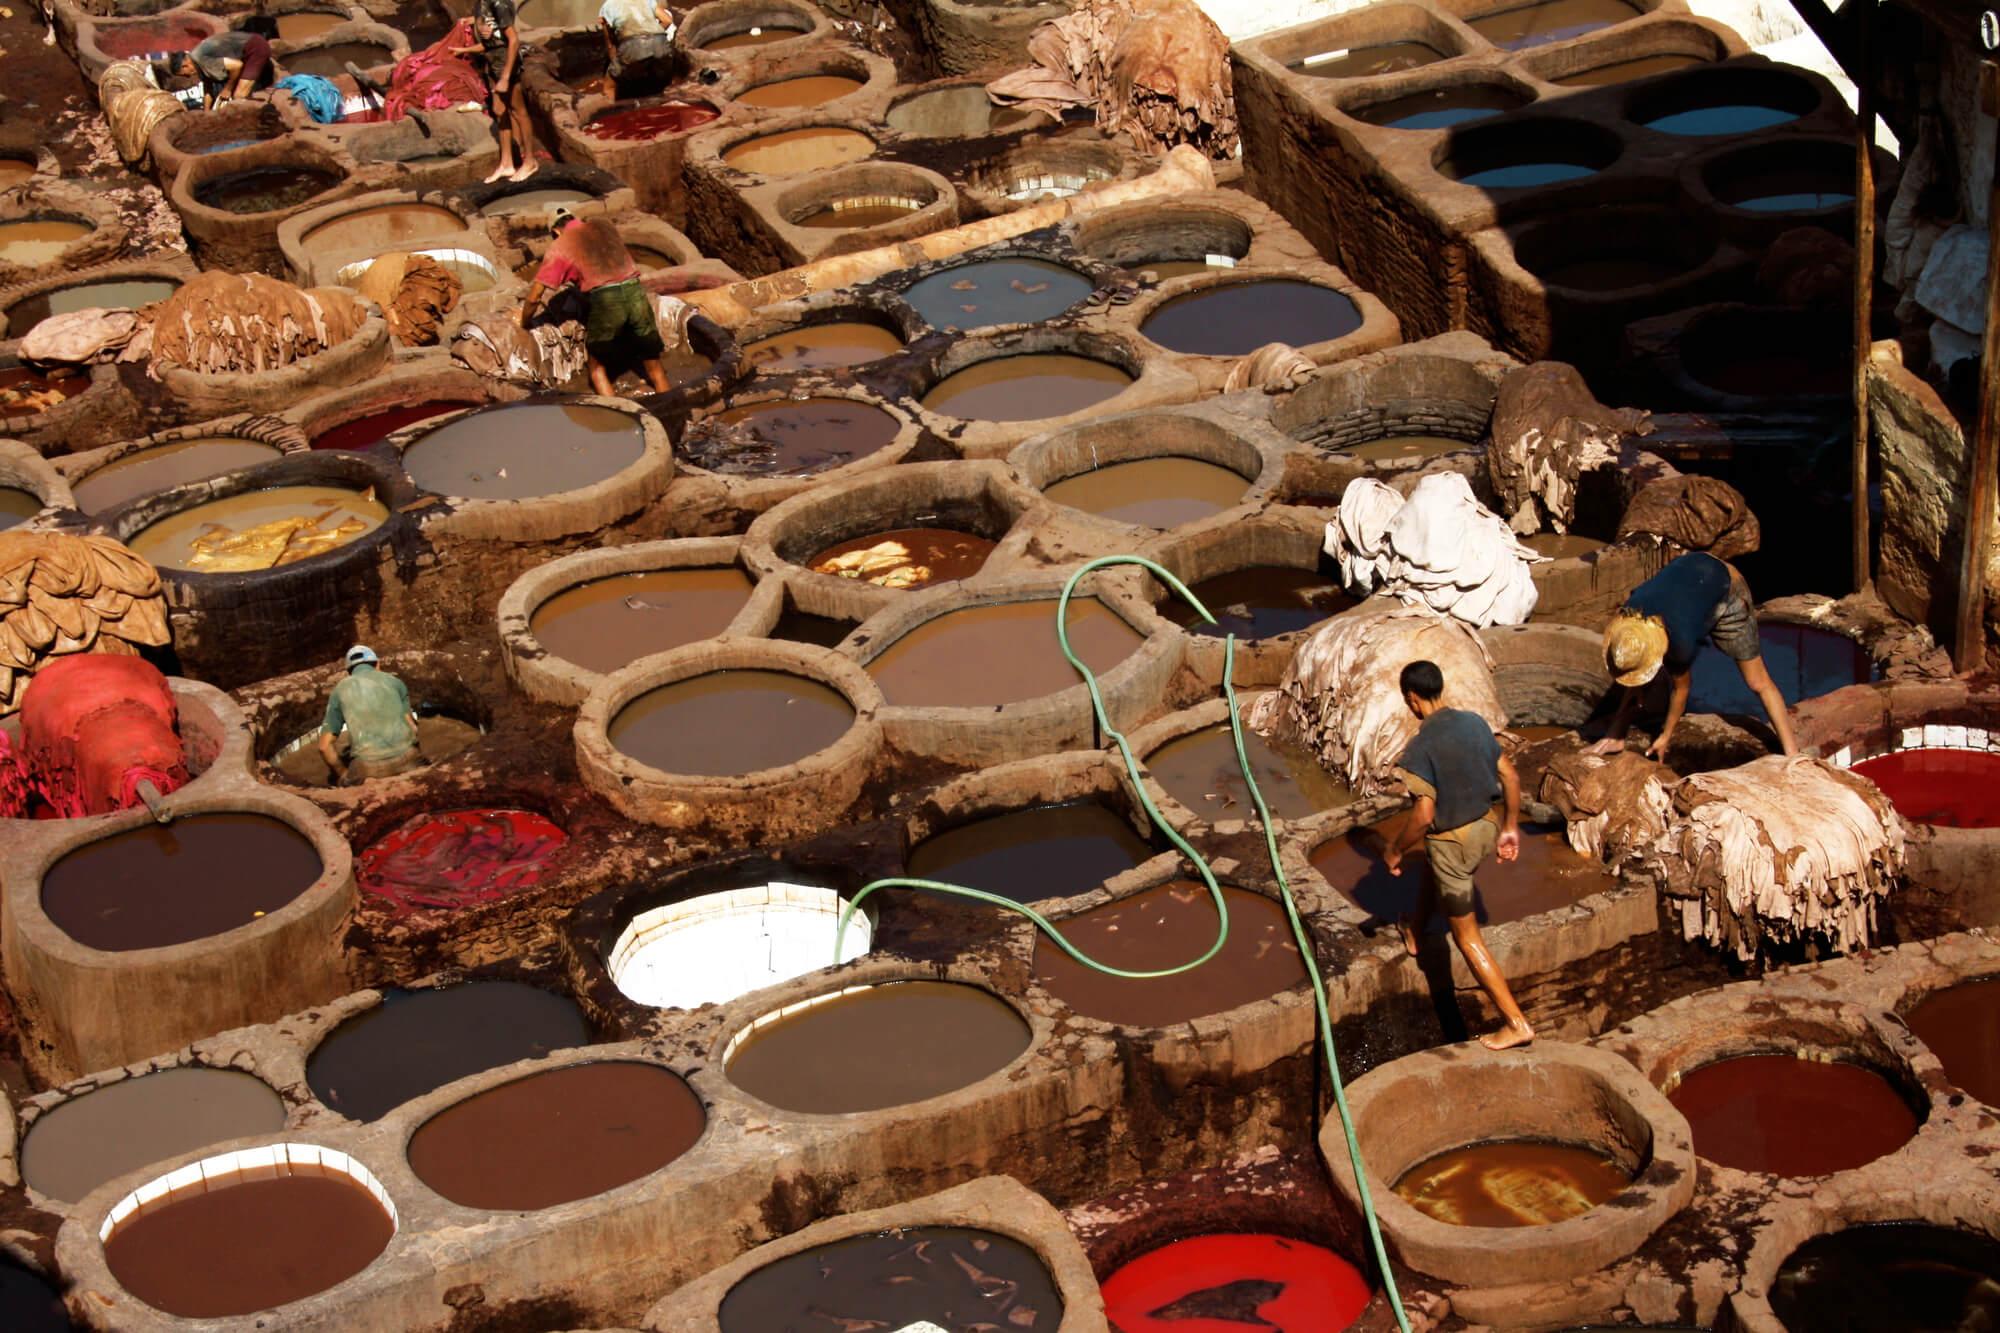 מתחם עיבוד העורות בעיר פס במרוקו